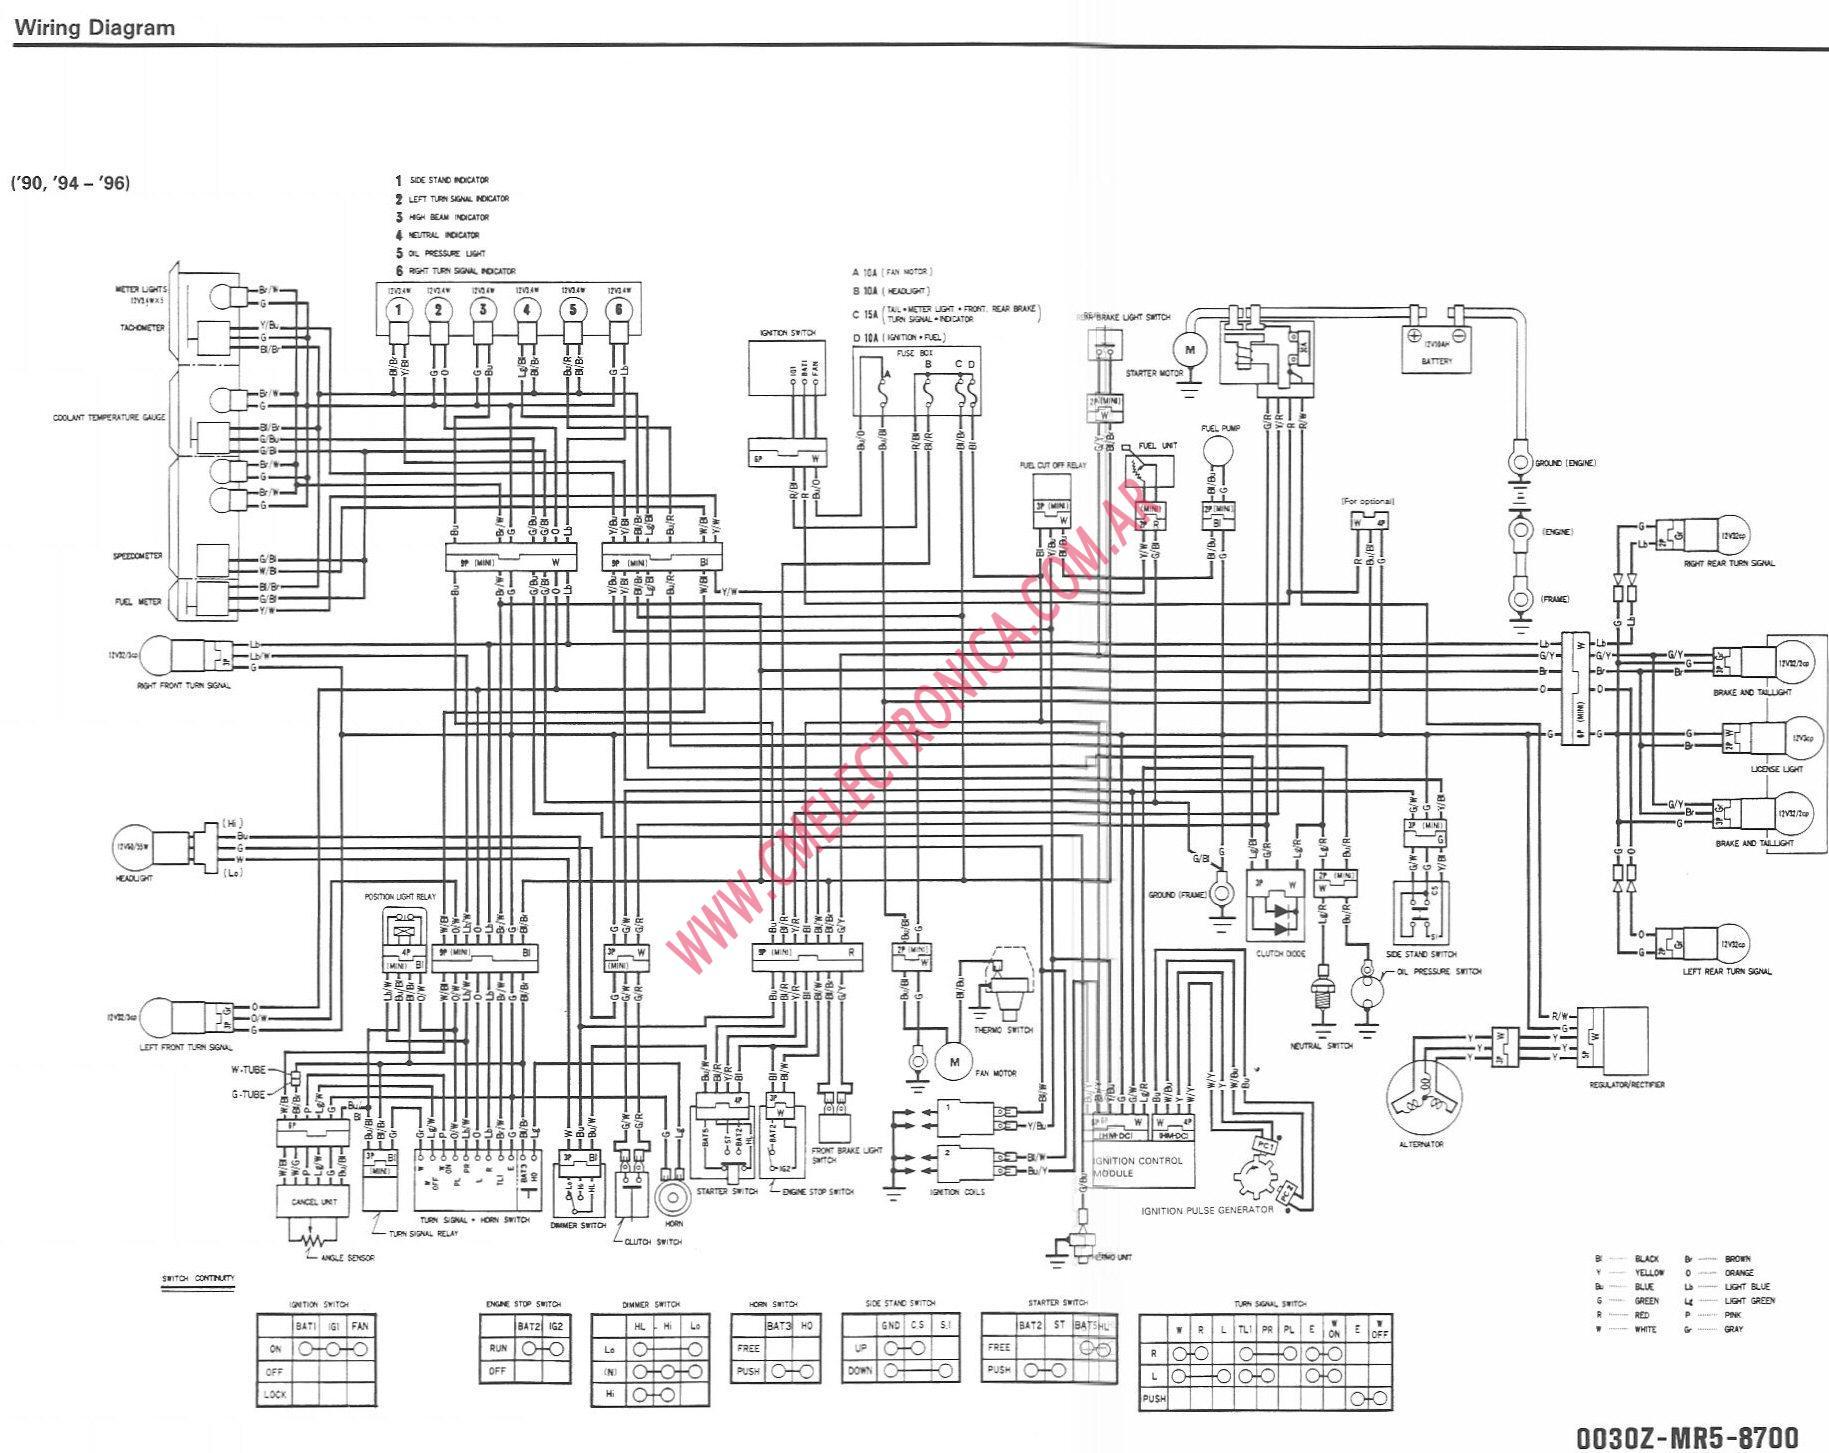 2008 Arctic Cat 700 Wiring Diagram Electrical Diagrams Ski Doo Efi Source Rhino